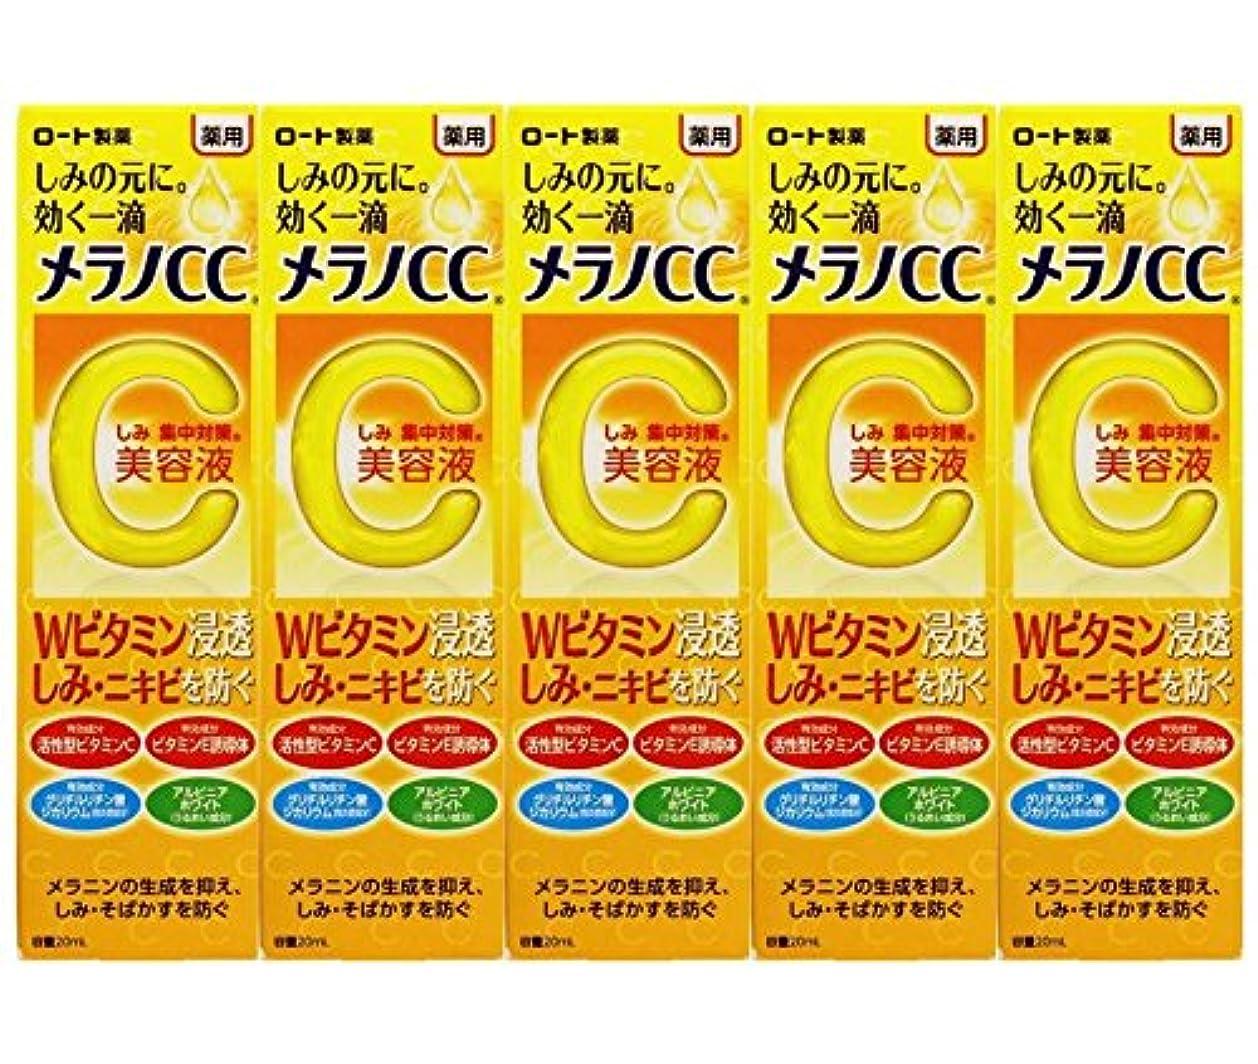 ハウスイーウェル有料メラノCC 薬用 しみ 集中対策 美容液 20mL【5本セット】